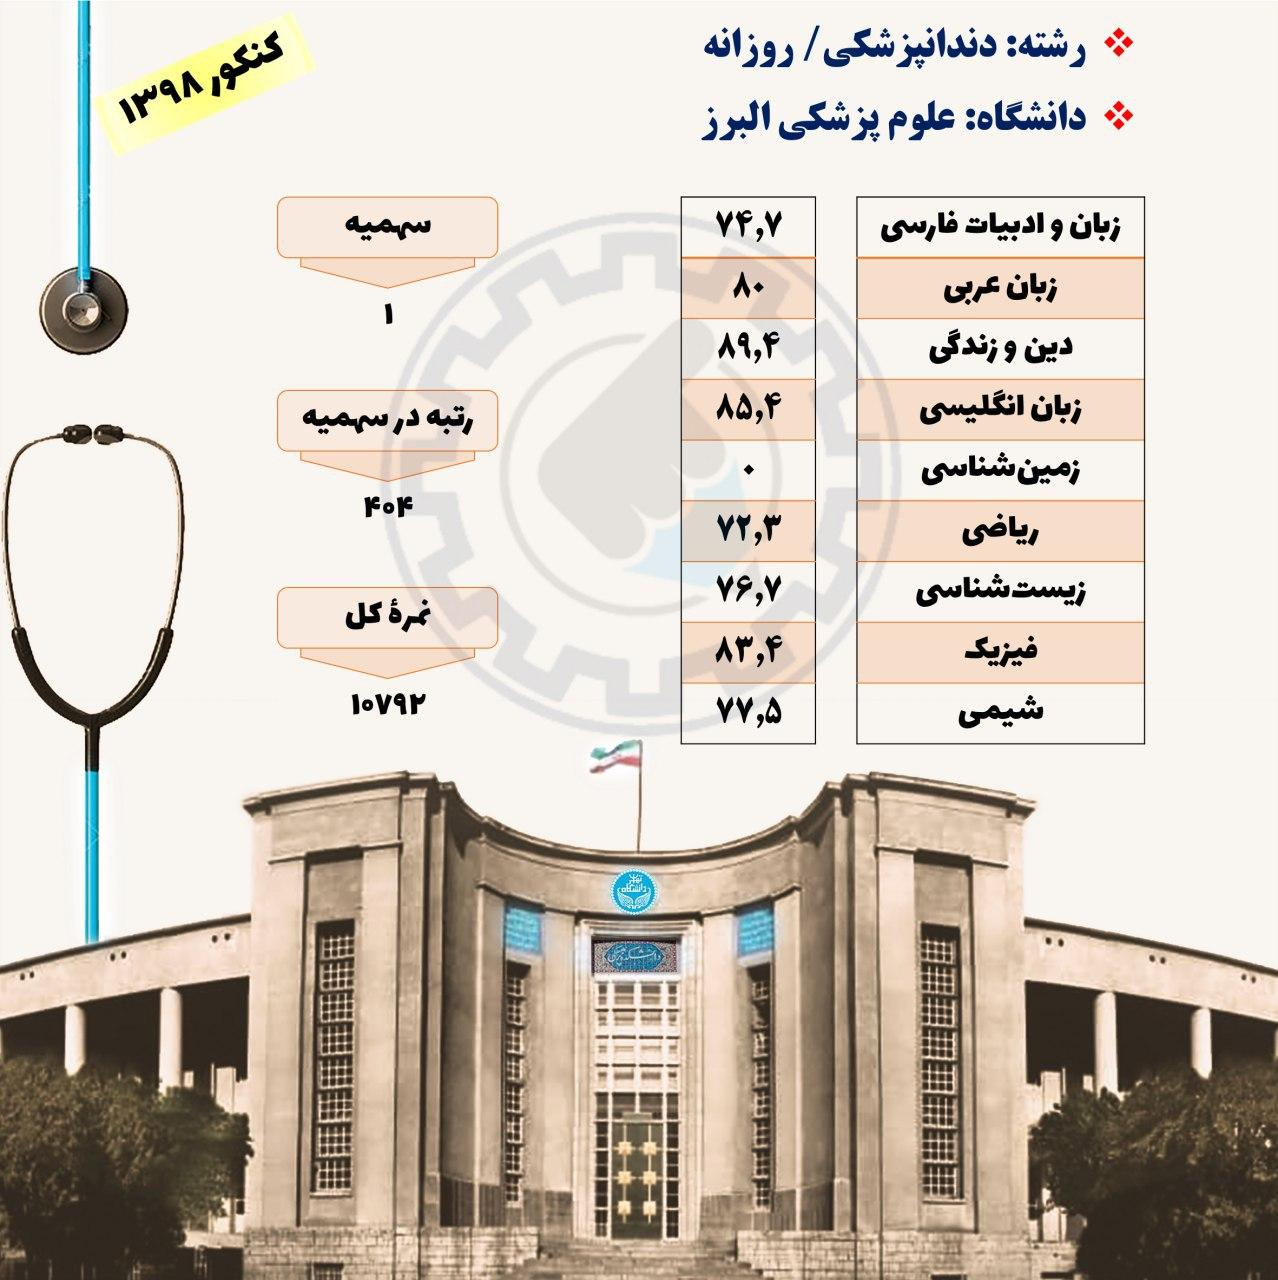 کارنامه قبولی دندانپزشکی دانشگاه علوم پزشکی البرز